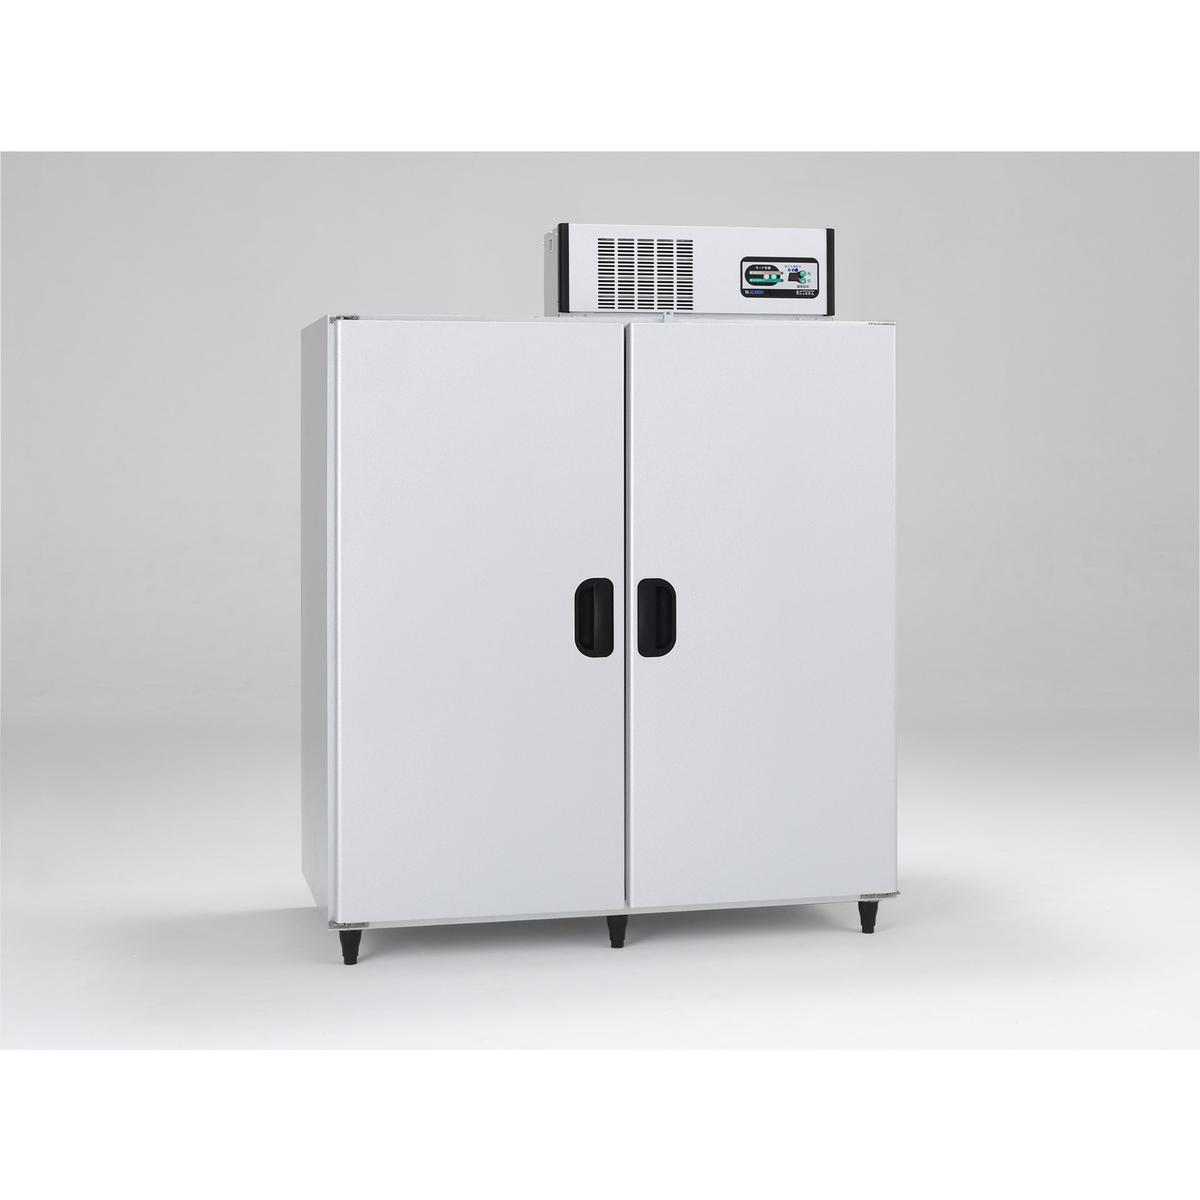 【メーカー直送 代引不可】【設置サービス付】アルインコ 100V 玄米専用保冷庫 21袋用 LHR21